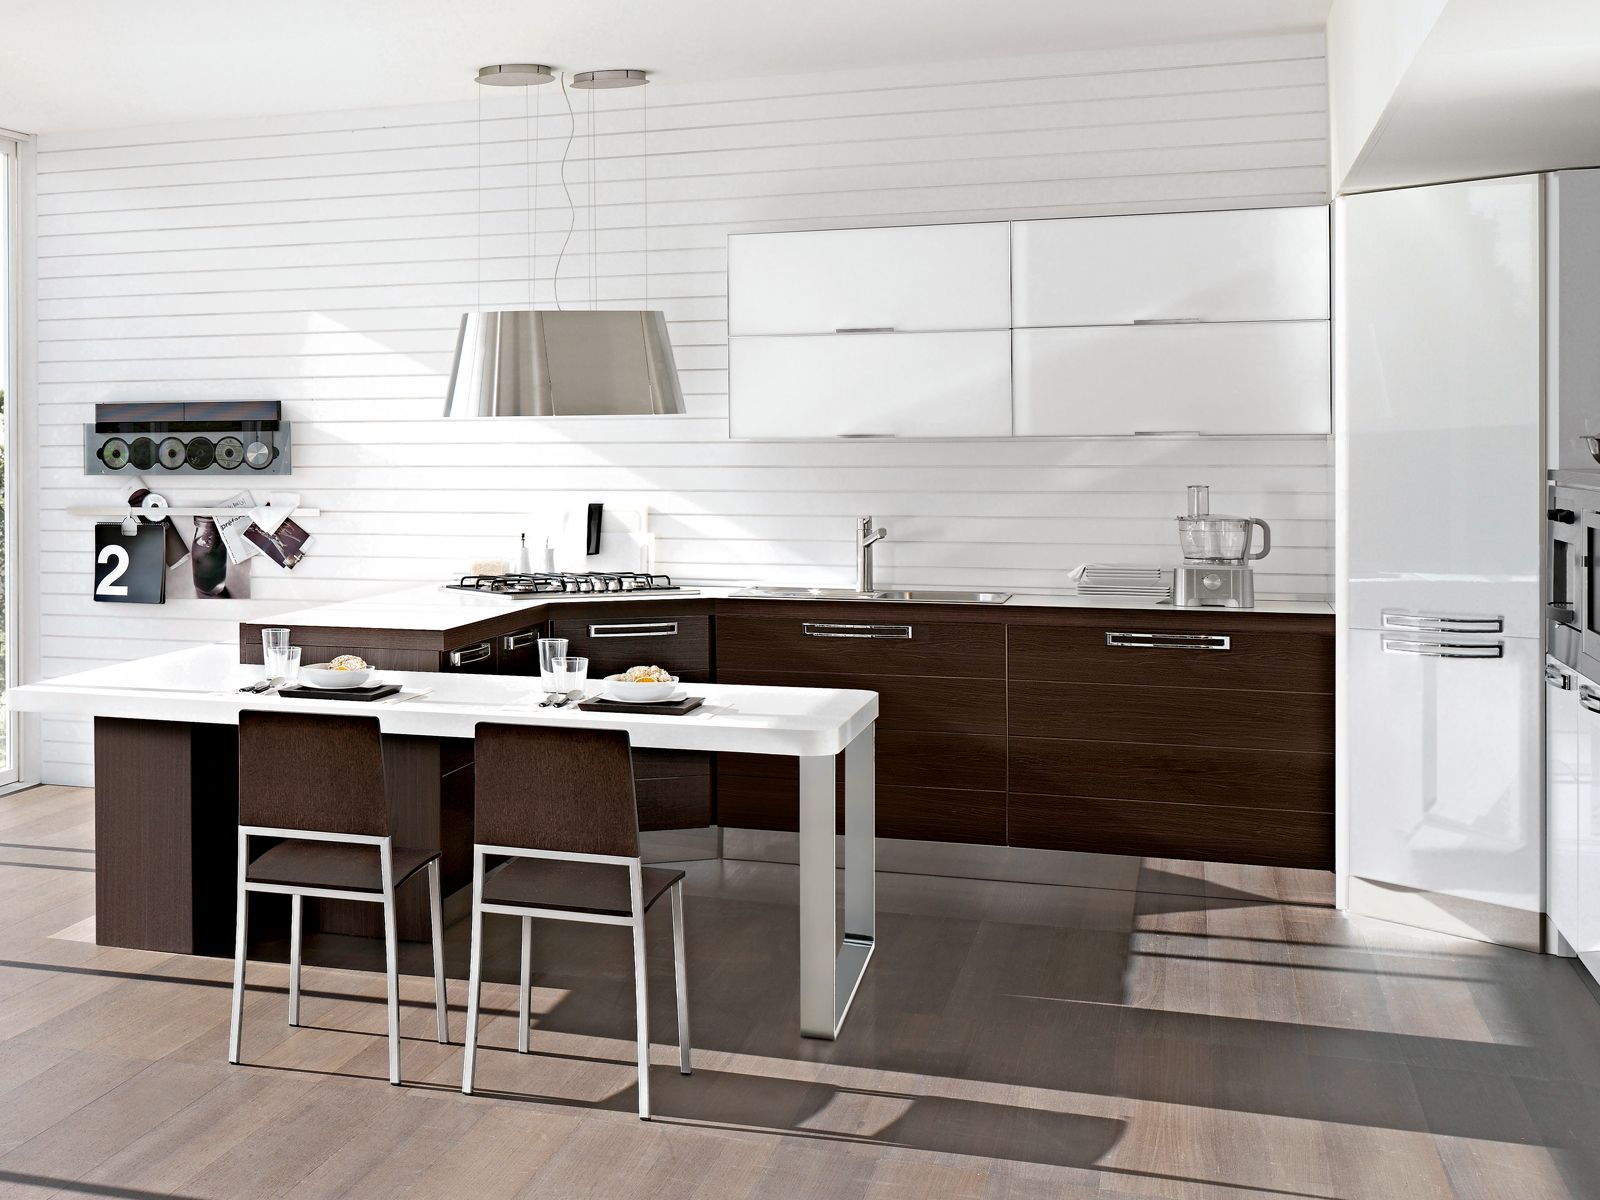 Cucina scavolini verona : cucina a isola offerte. cucina acciaio ...